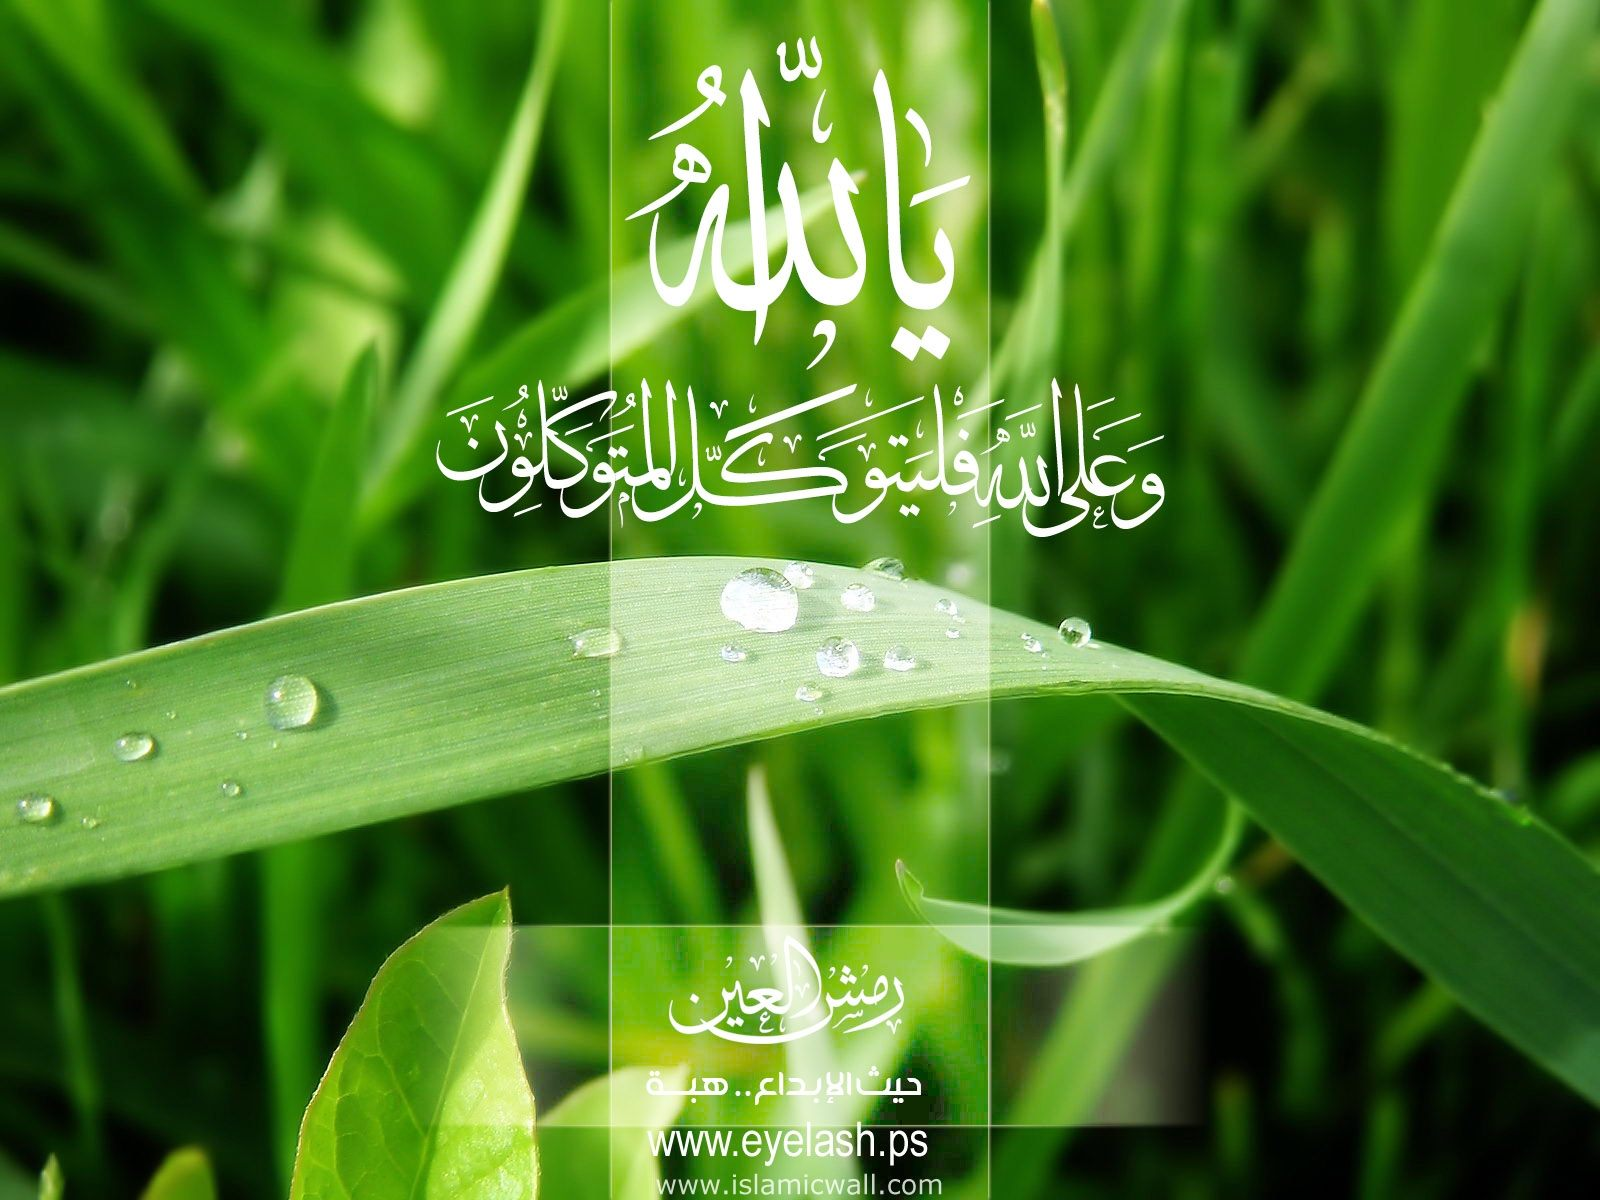 Wallpapers Islami Untuk Laptop 46 Wallpapers – Adorable